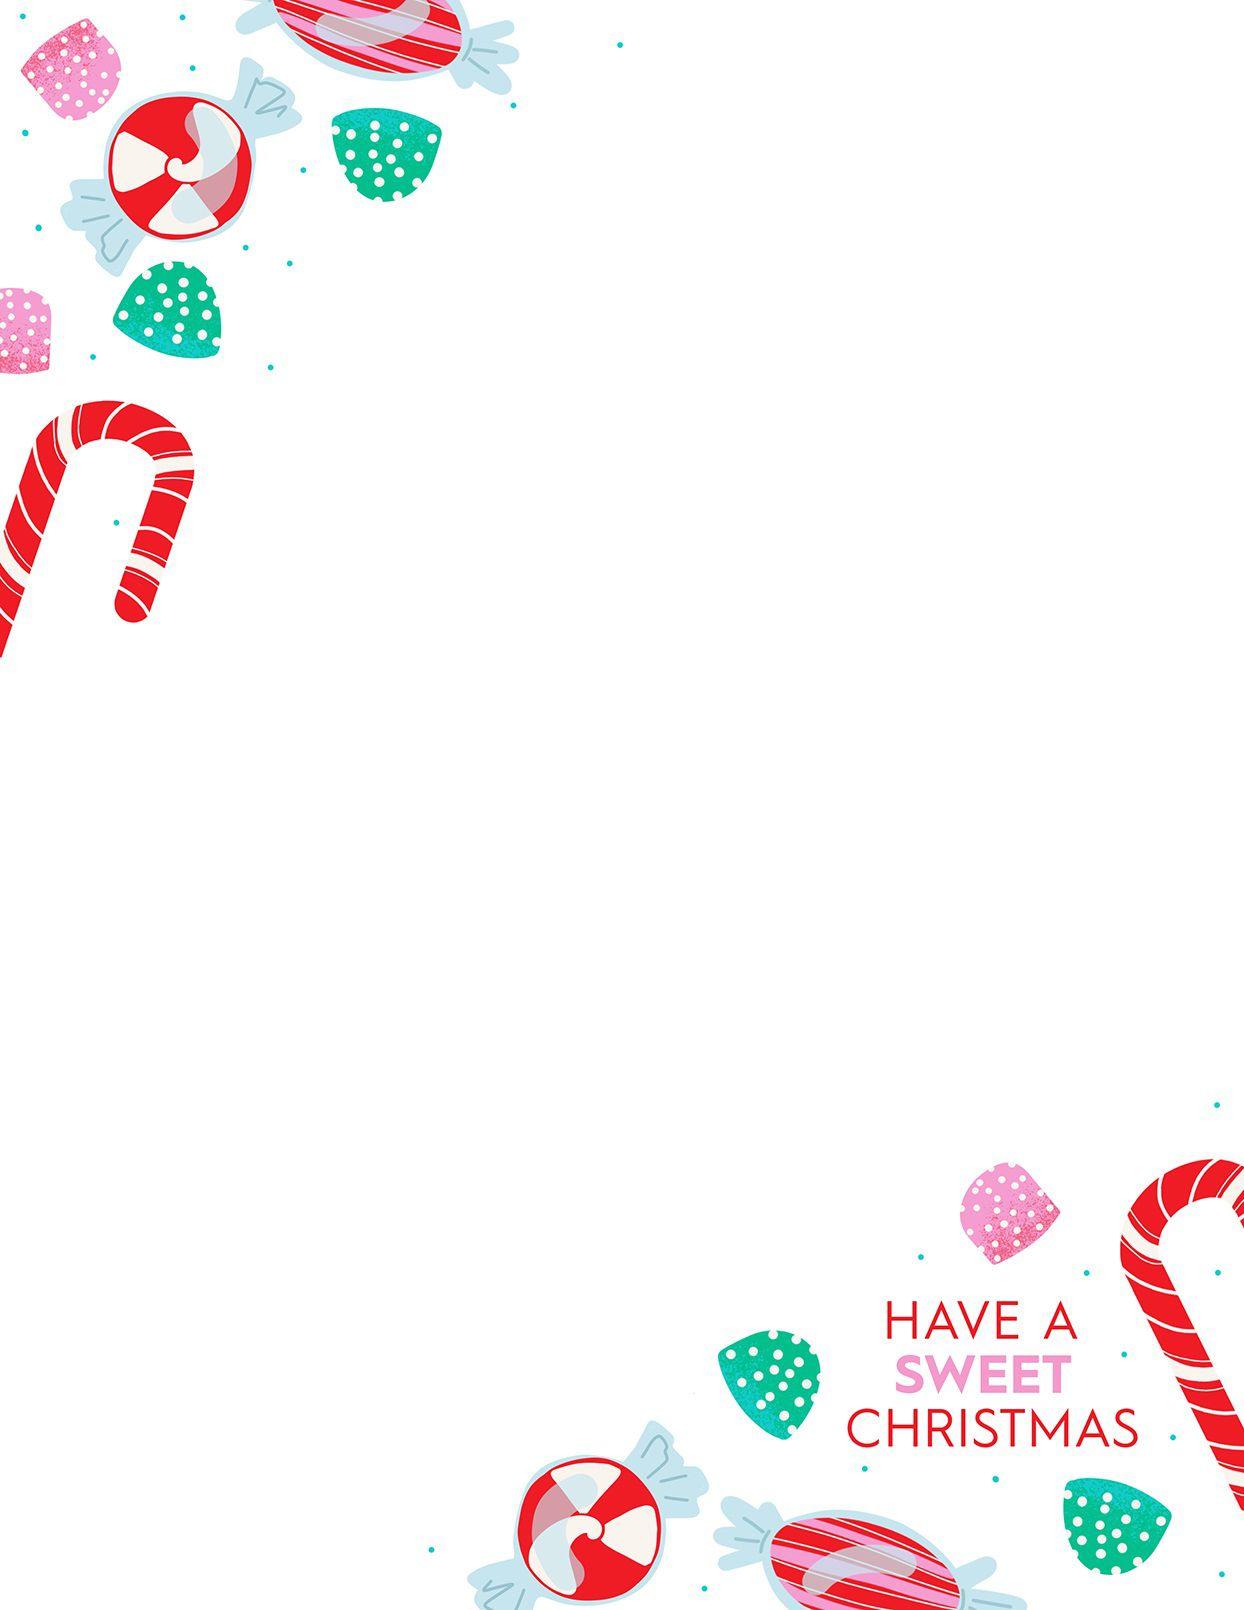 012 Sensational Free Christma Letter Template For Microsoft Word Sample  Downloadable NewsletterFull